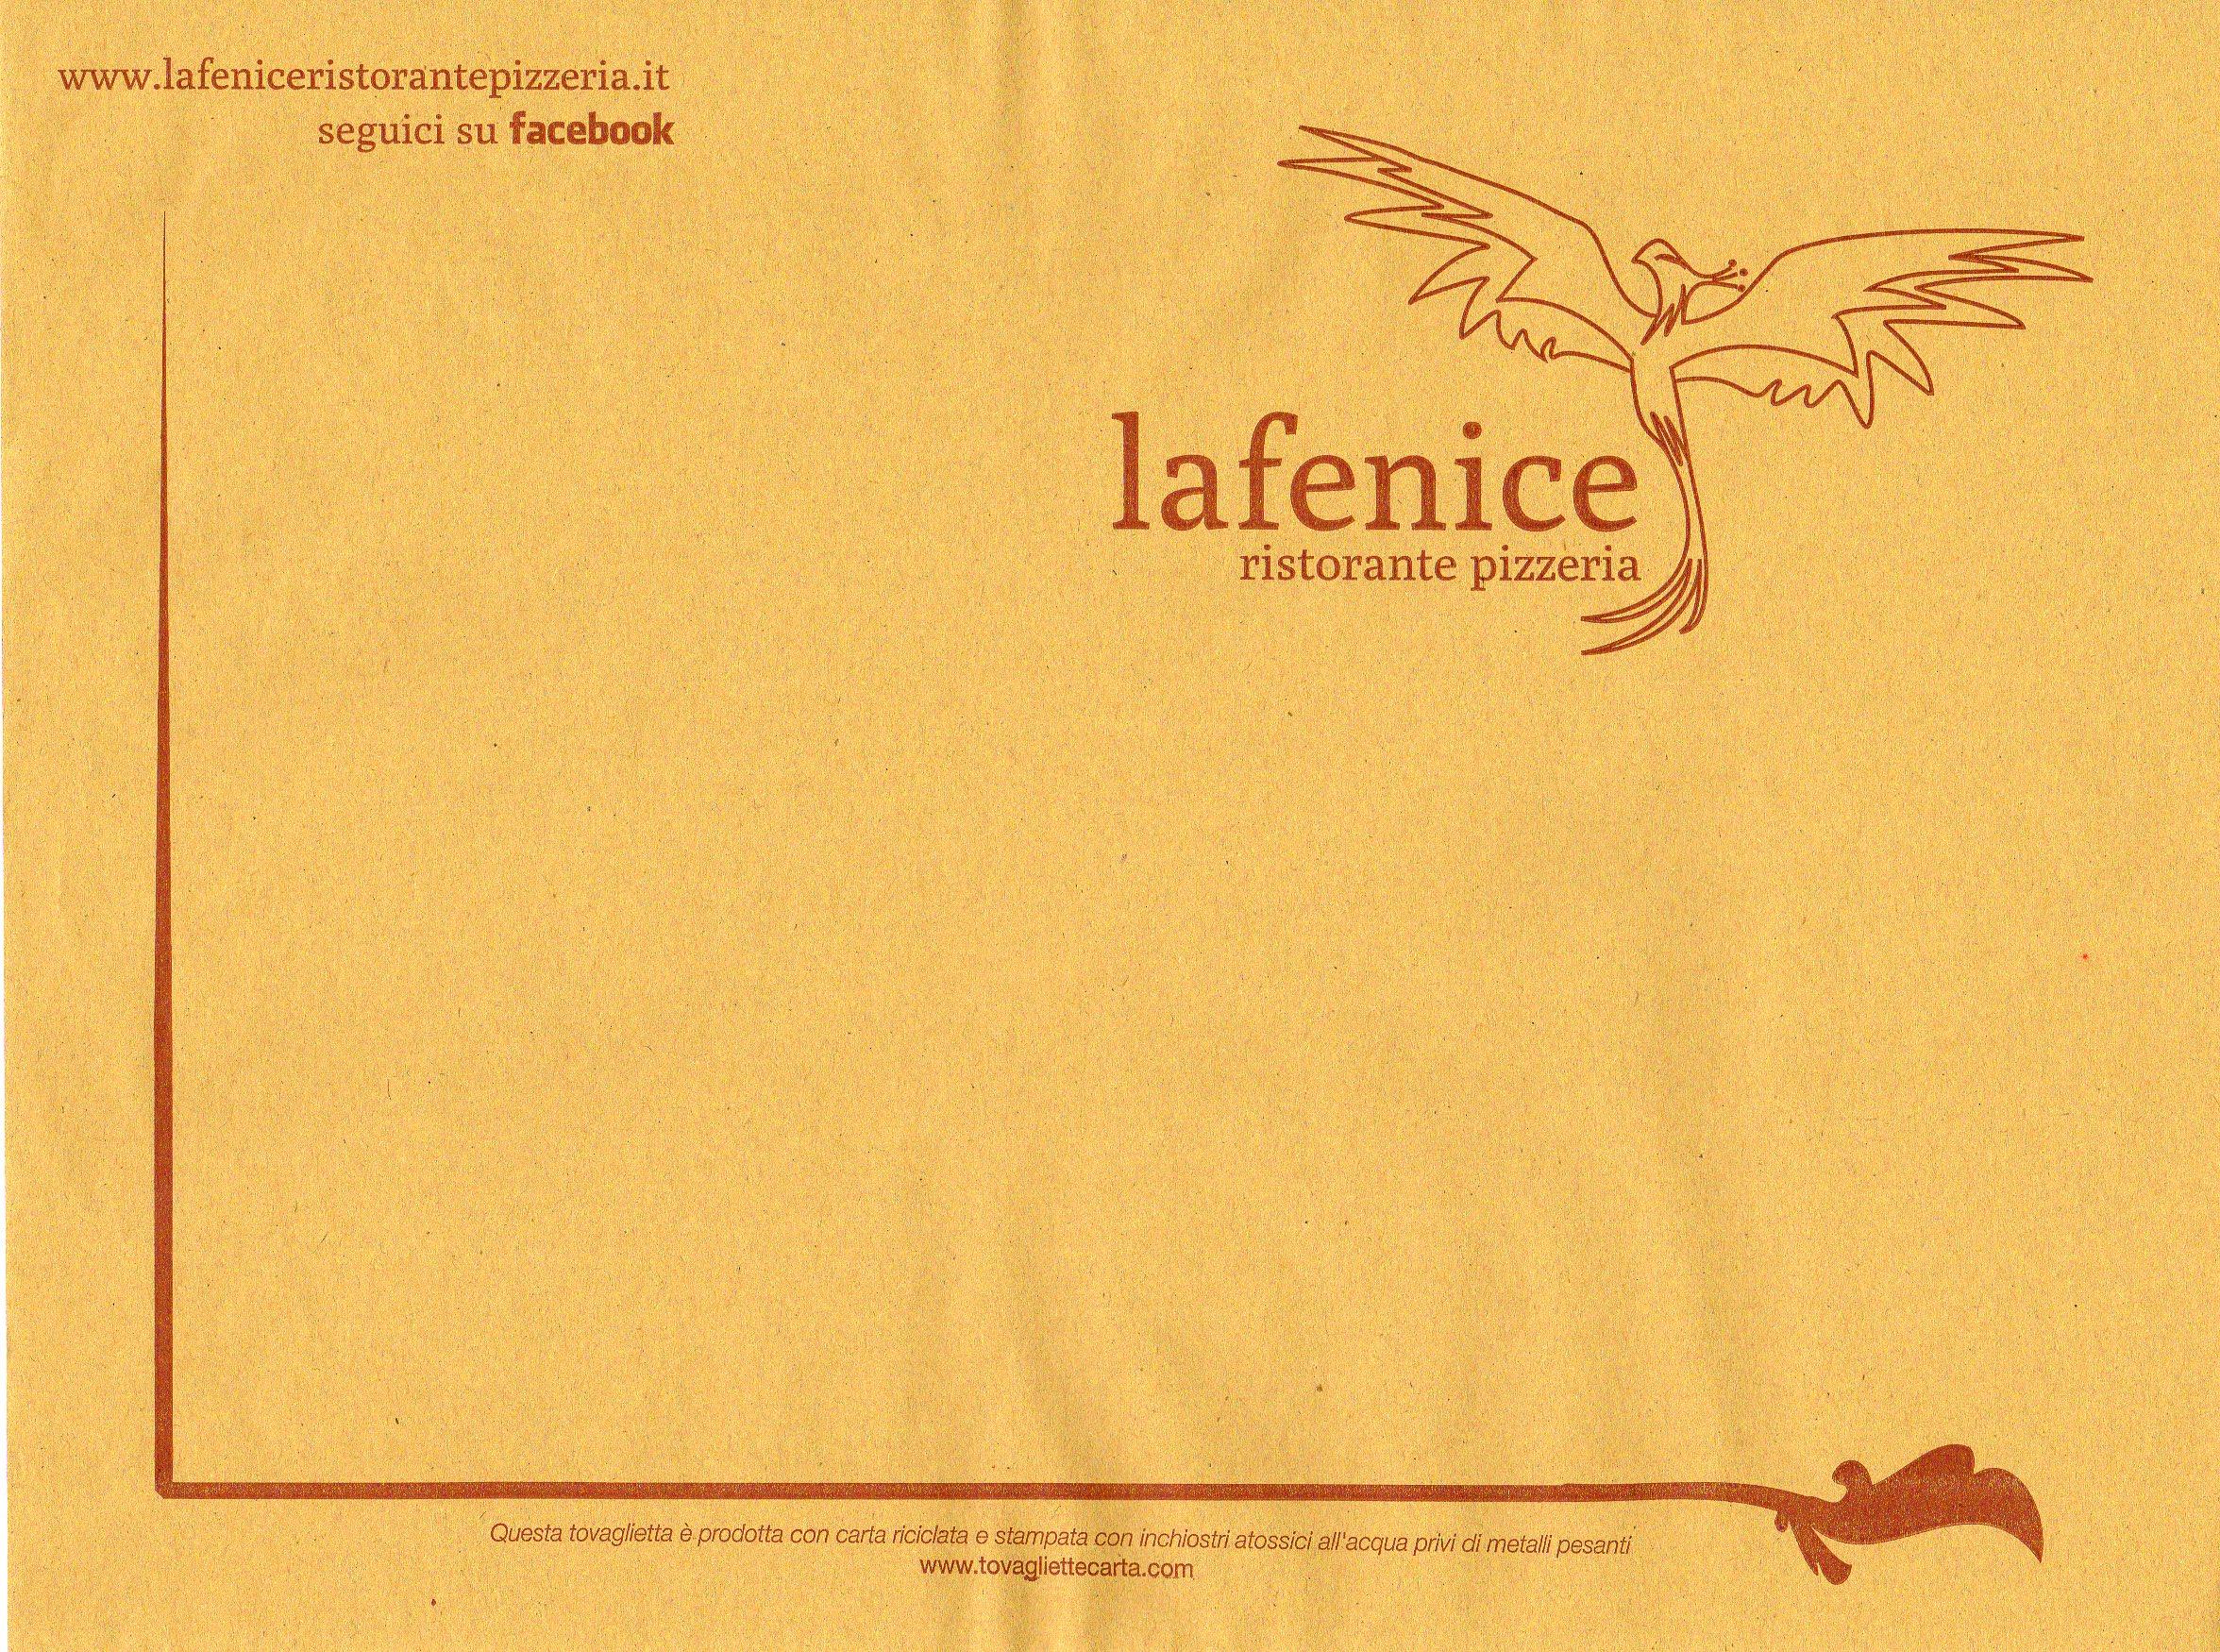 paper placemats personalized ristorante tovaglietta personalizzata carta paglia 30x40